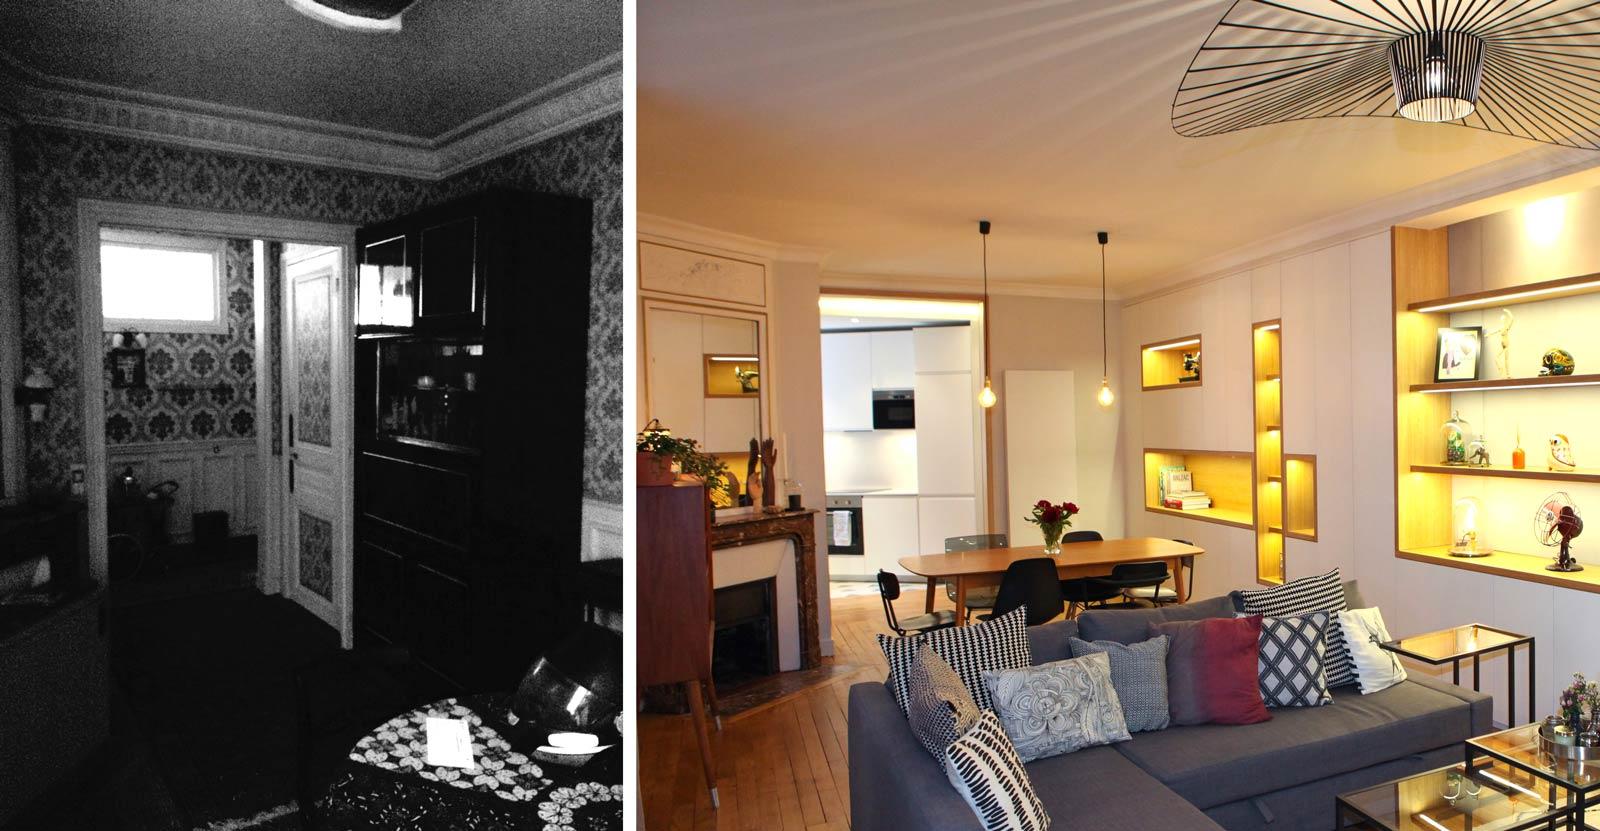 Relooking Maison Avant Apres avant-après : rénovation d'un appartement sombre en logement